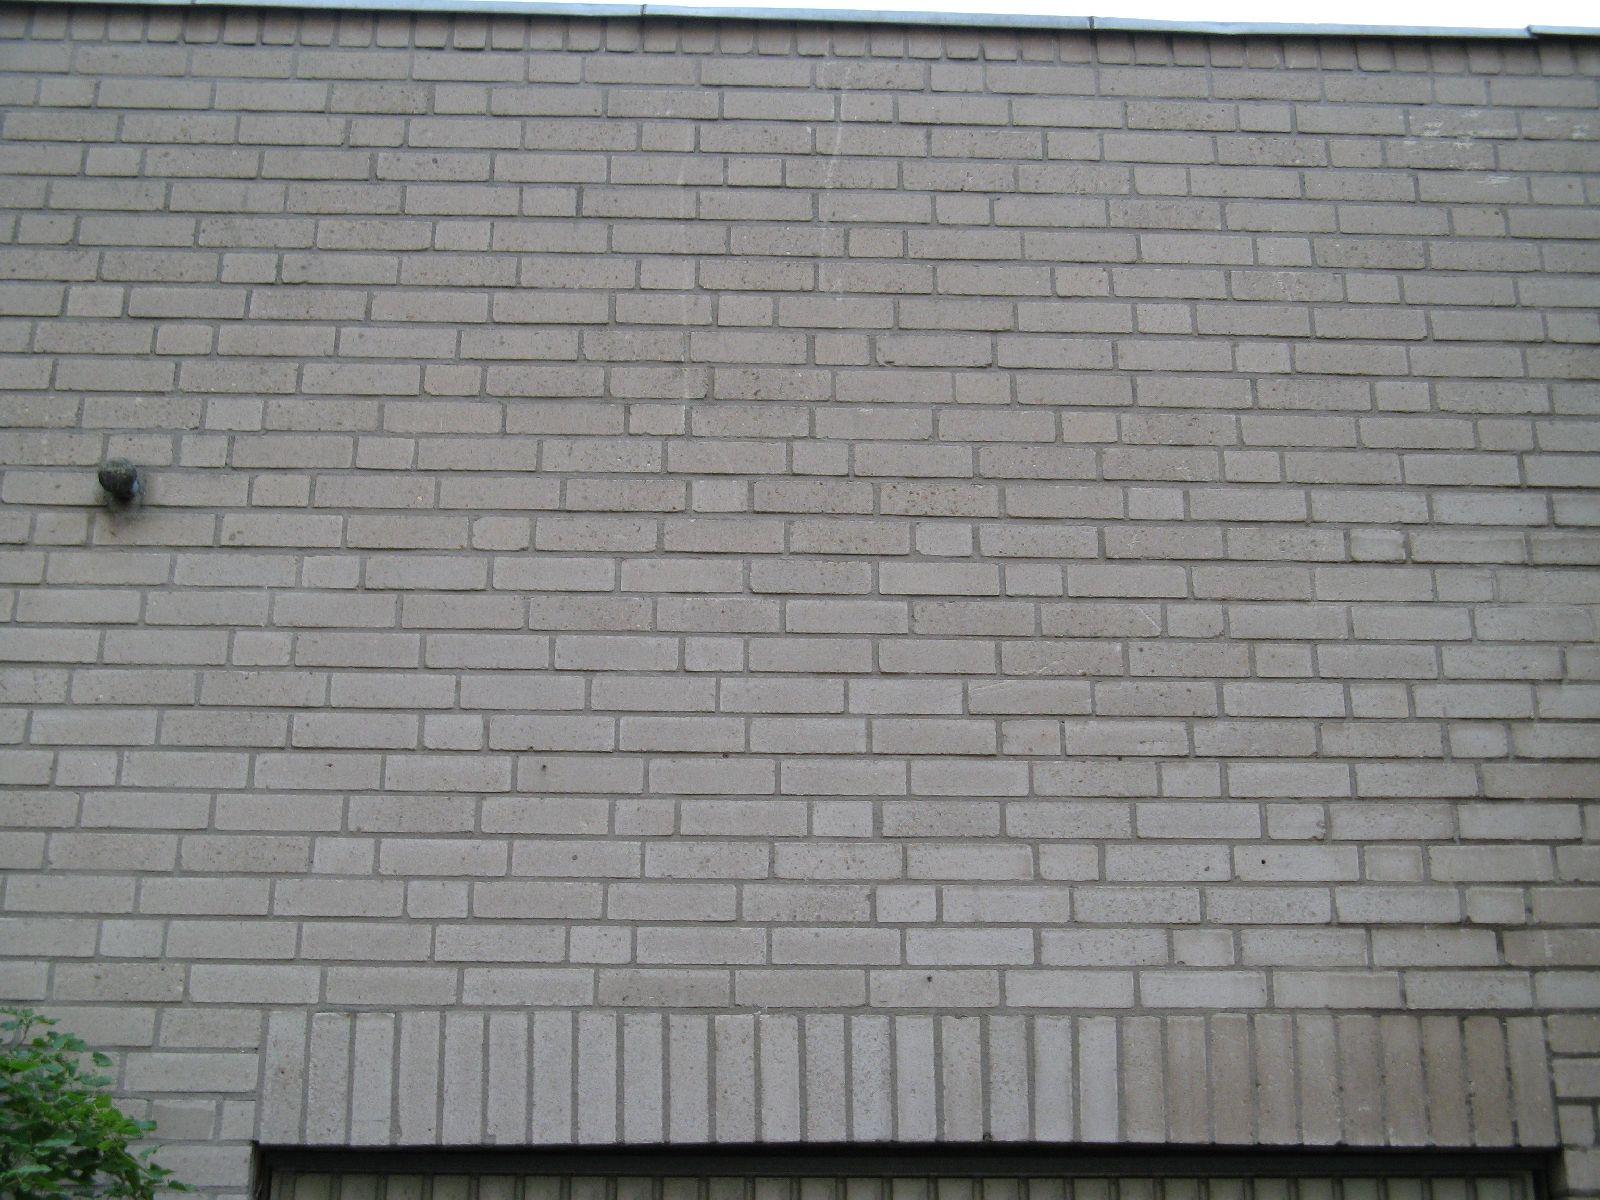 Wand-Mauerwerk-Backstein_Textur_B_0716